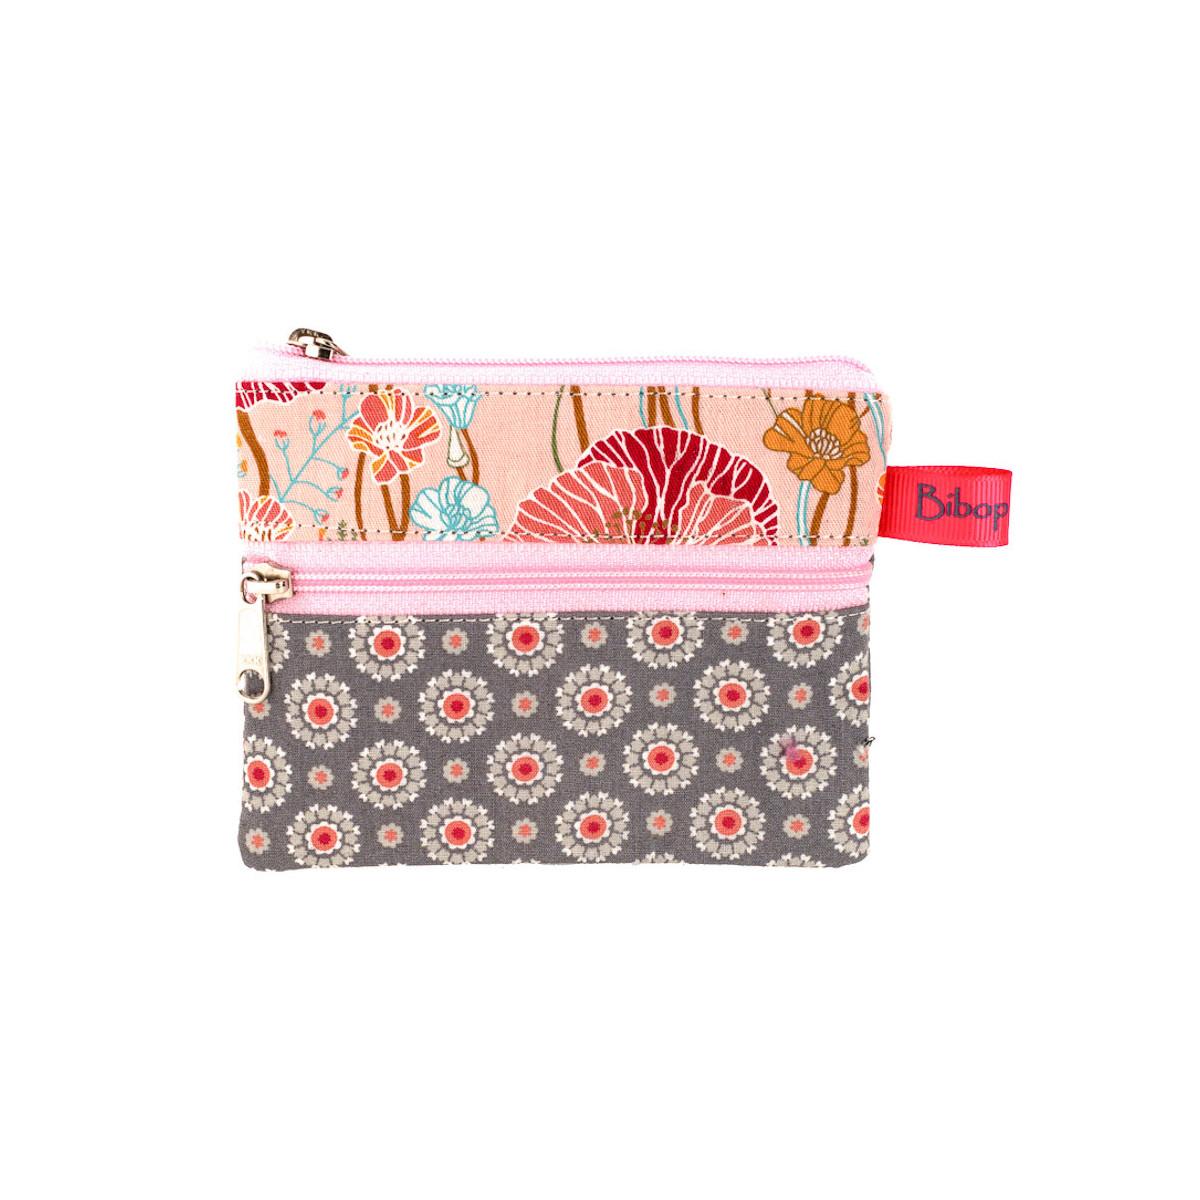 Petit porte-monnaie deux compartiments gris et rose